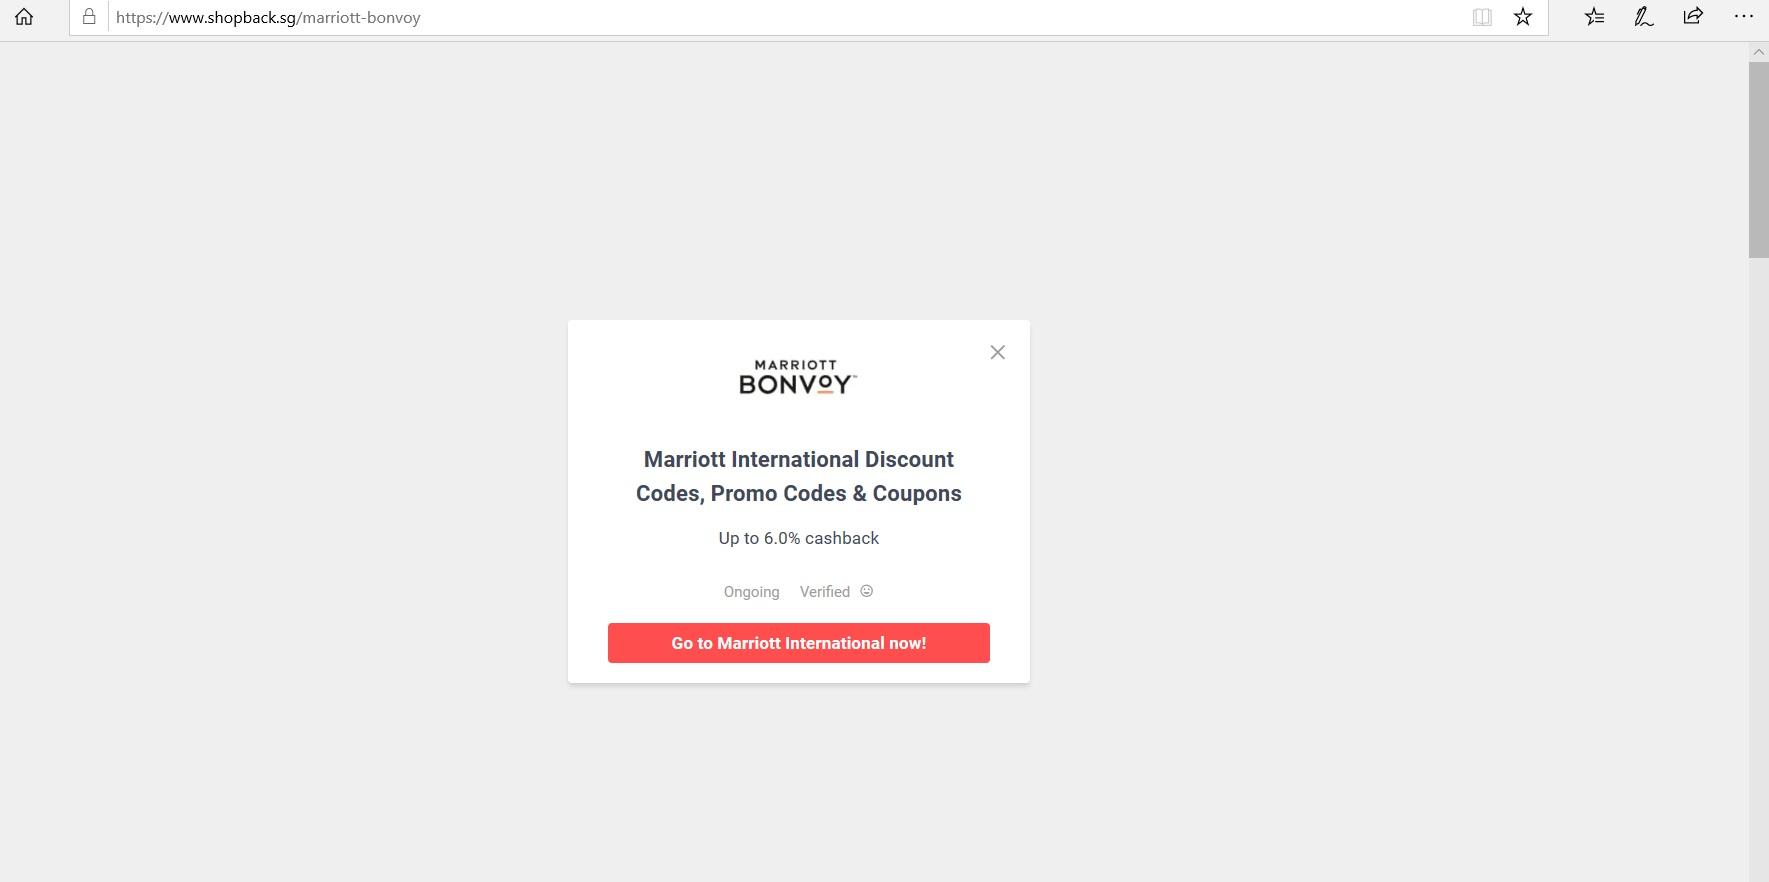 Pop-up redirecting to Marriott Bonvoy website.